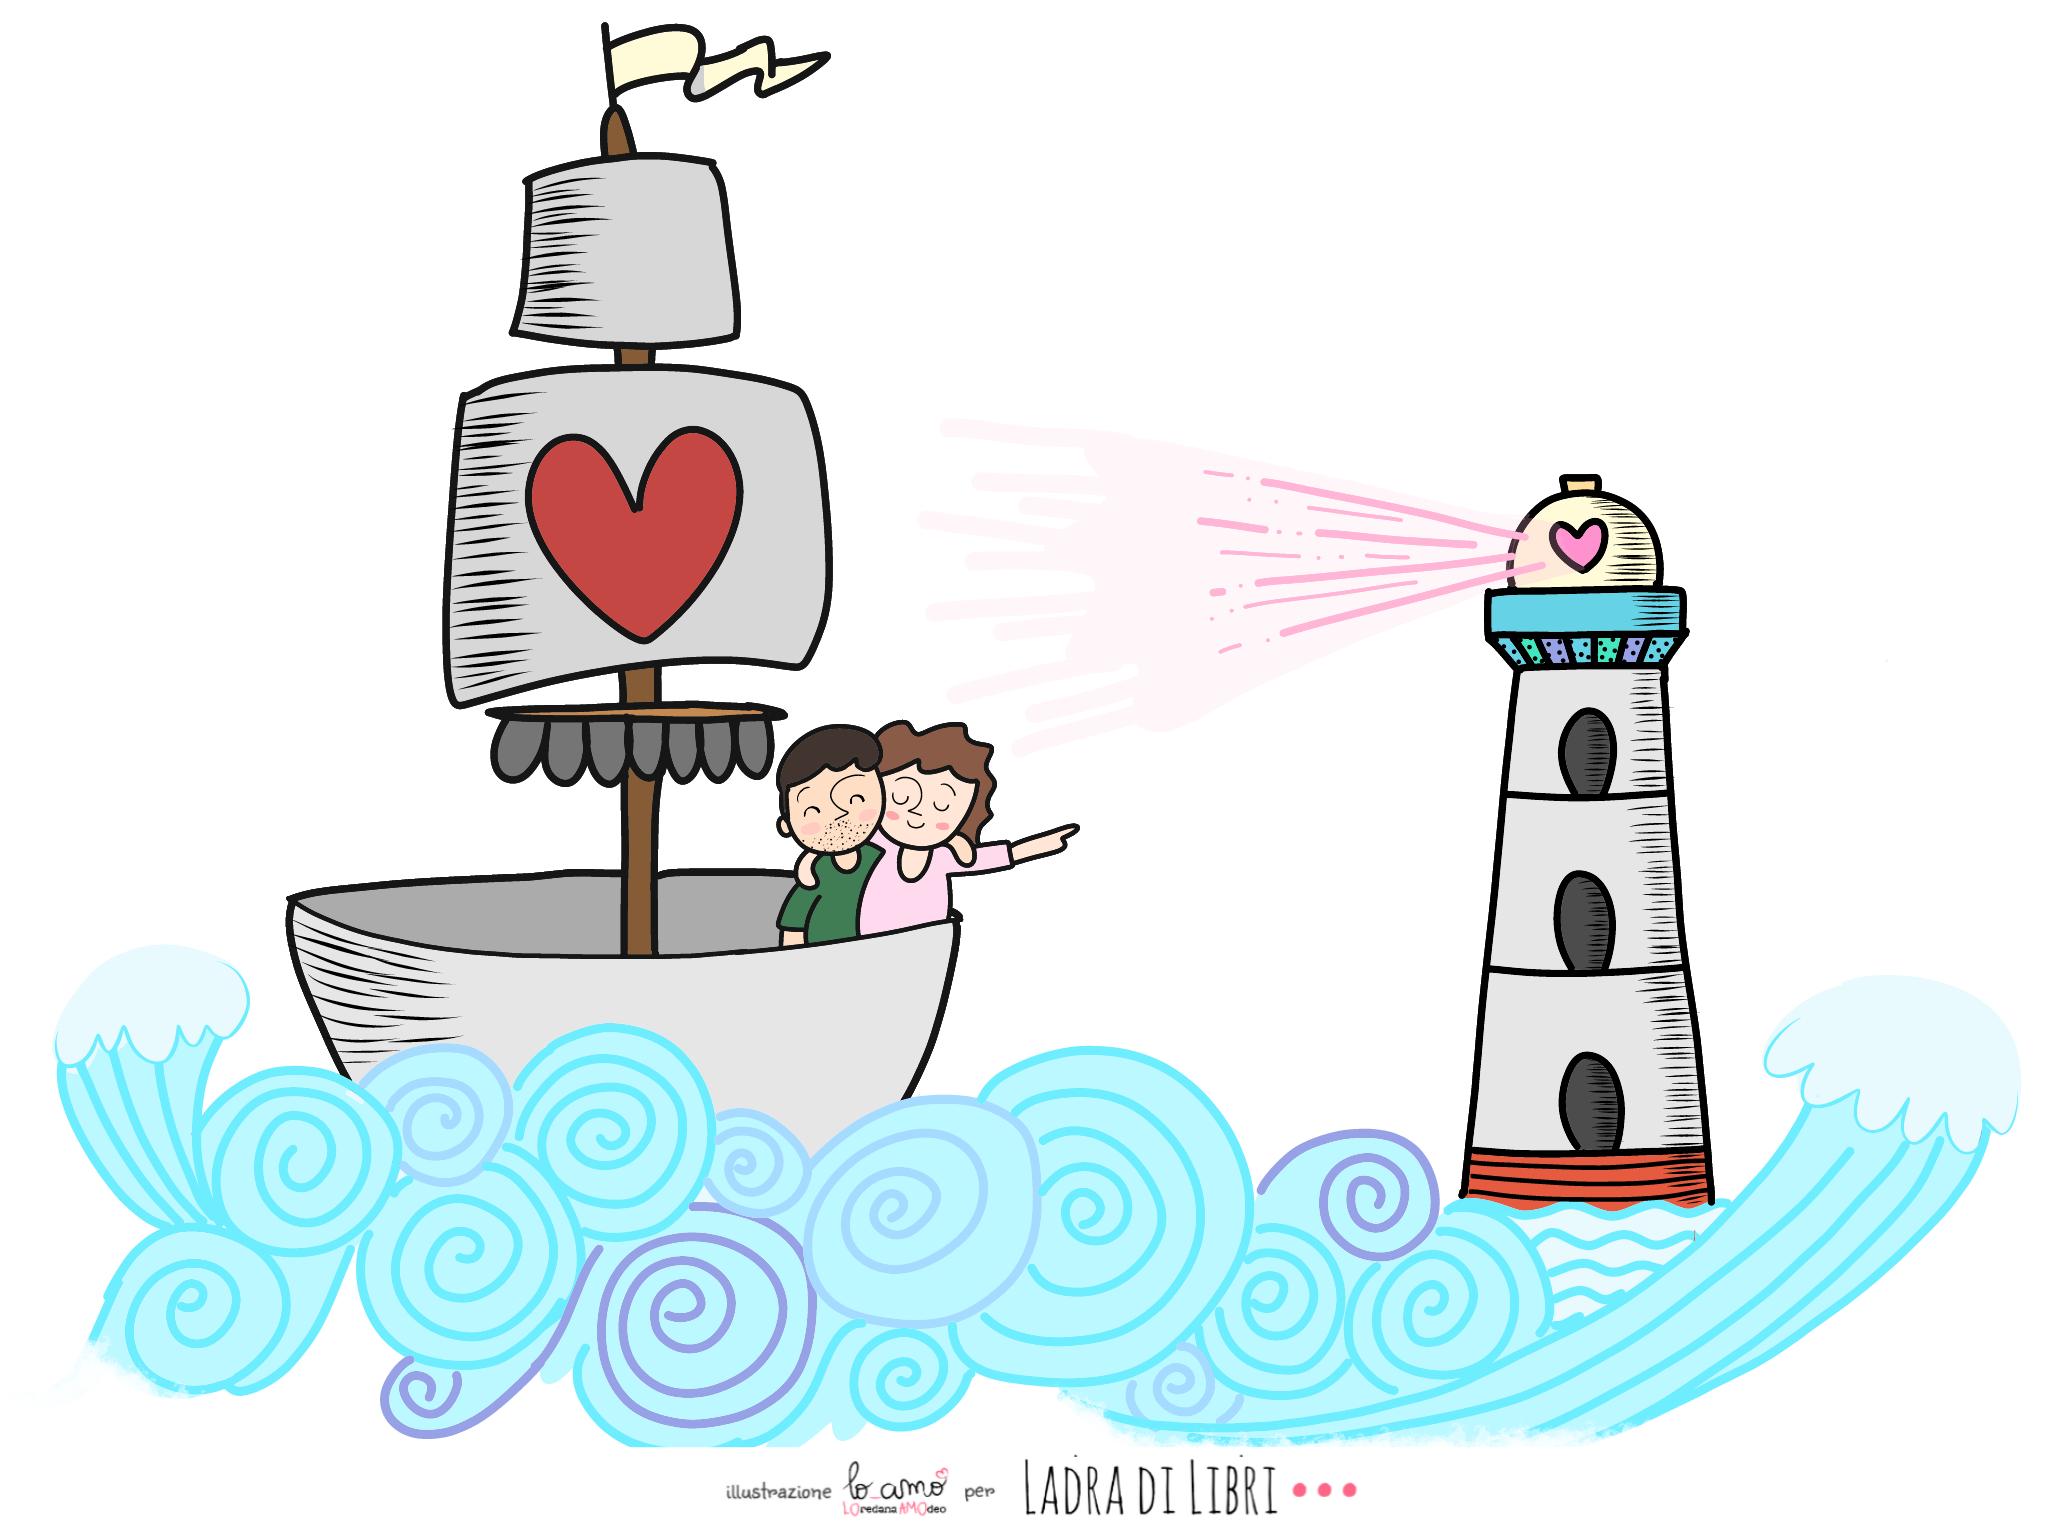 San Valentino, ovvero dell'amore